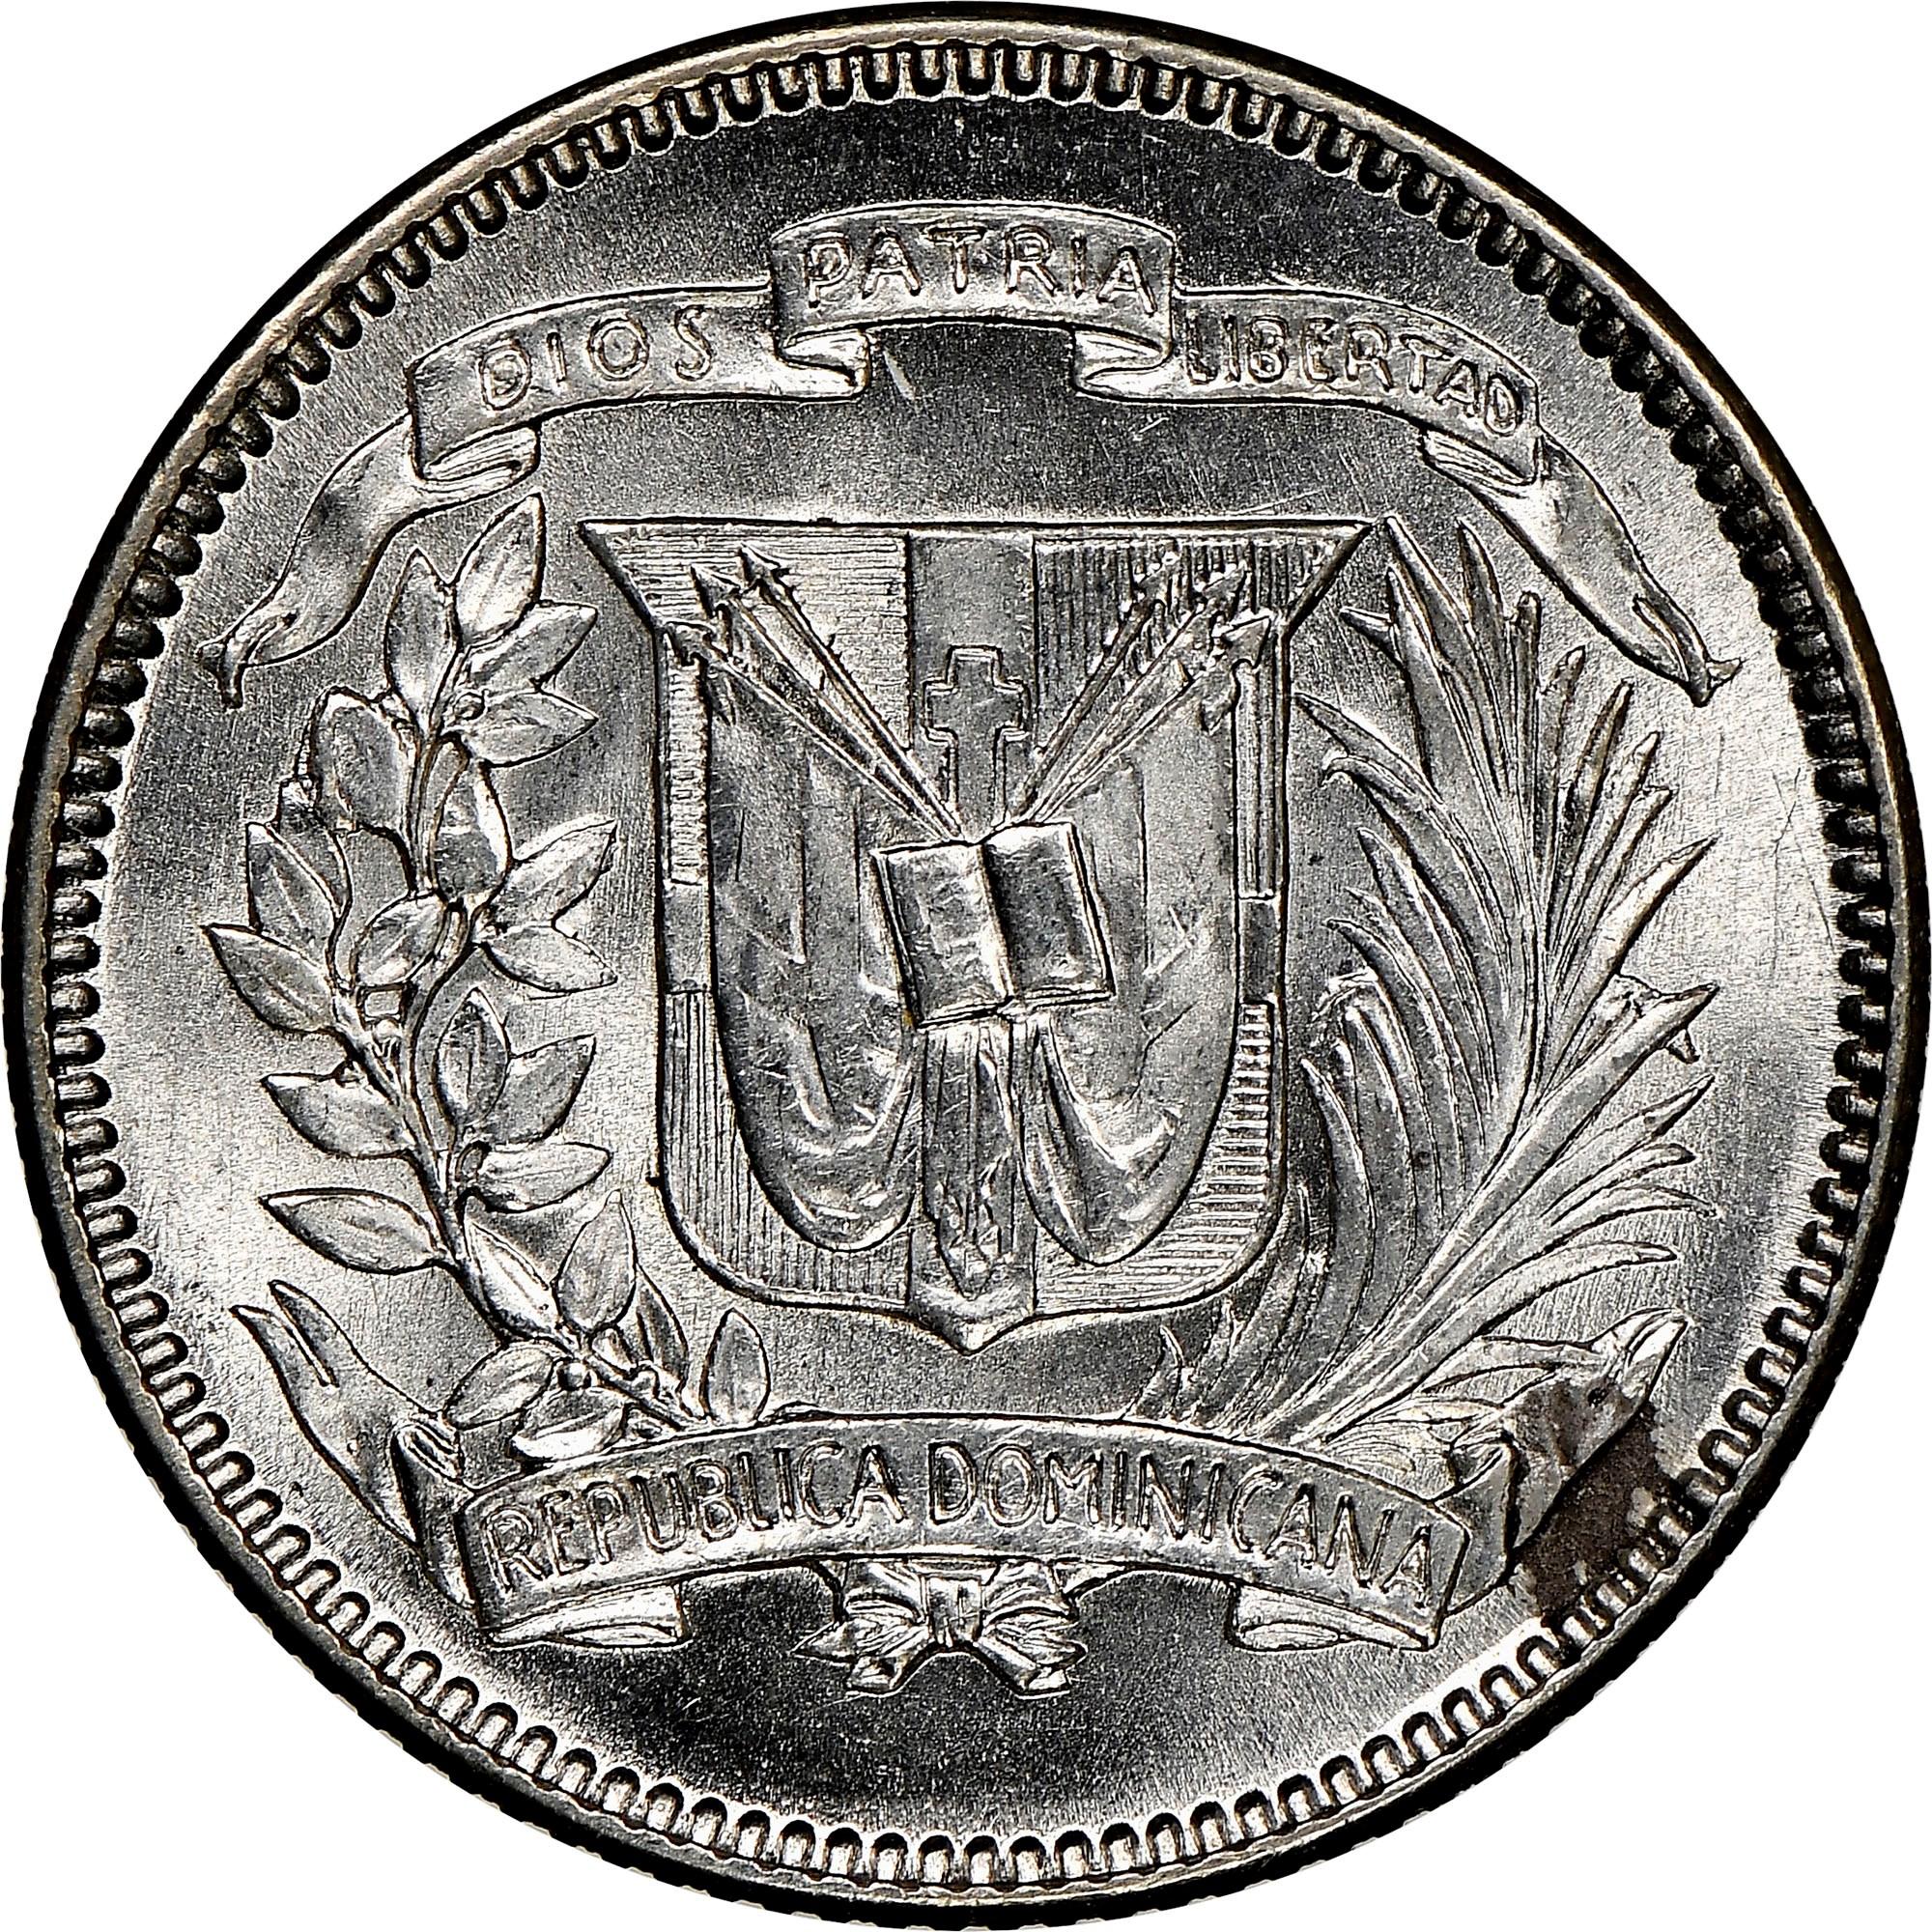 Dominican Republic 10 Centavos obverse